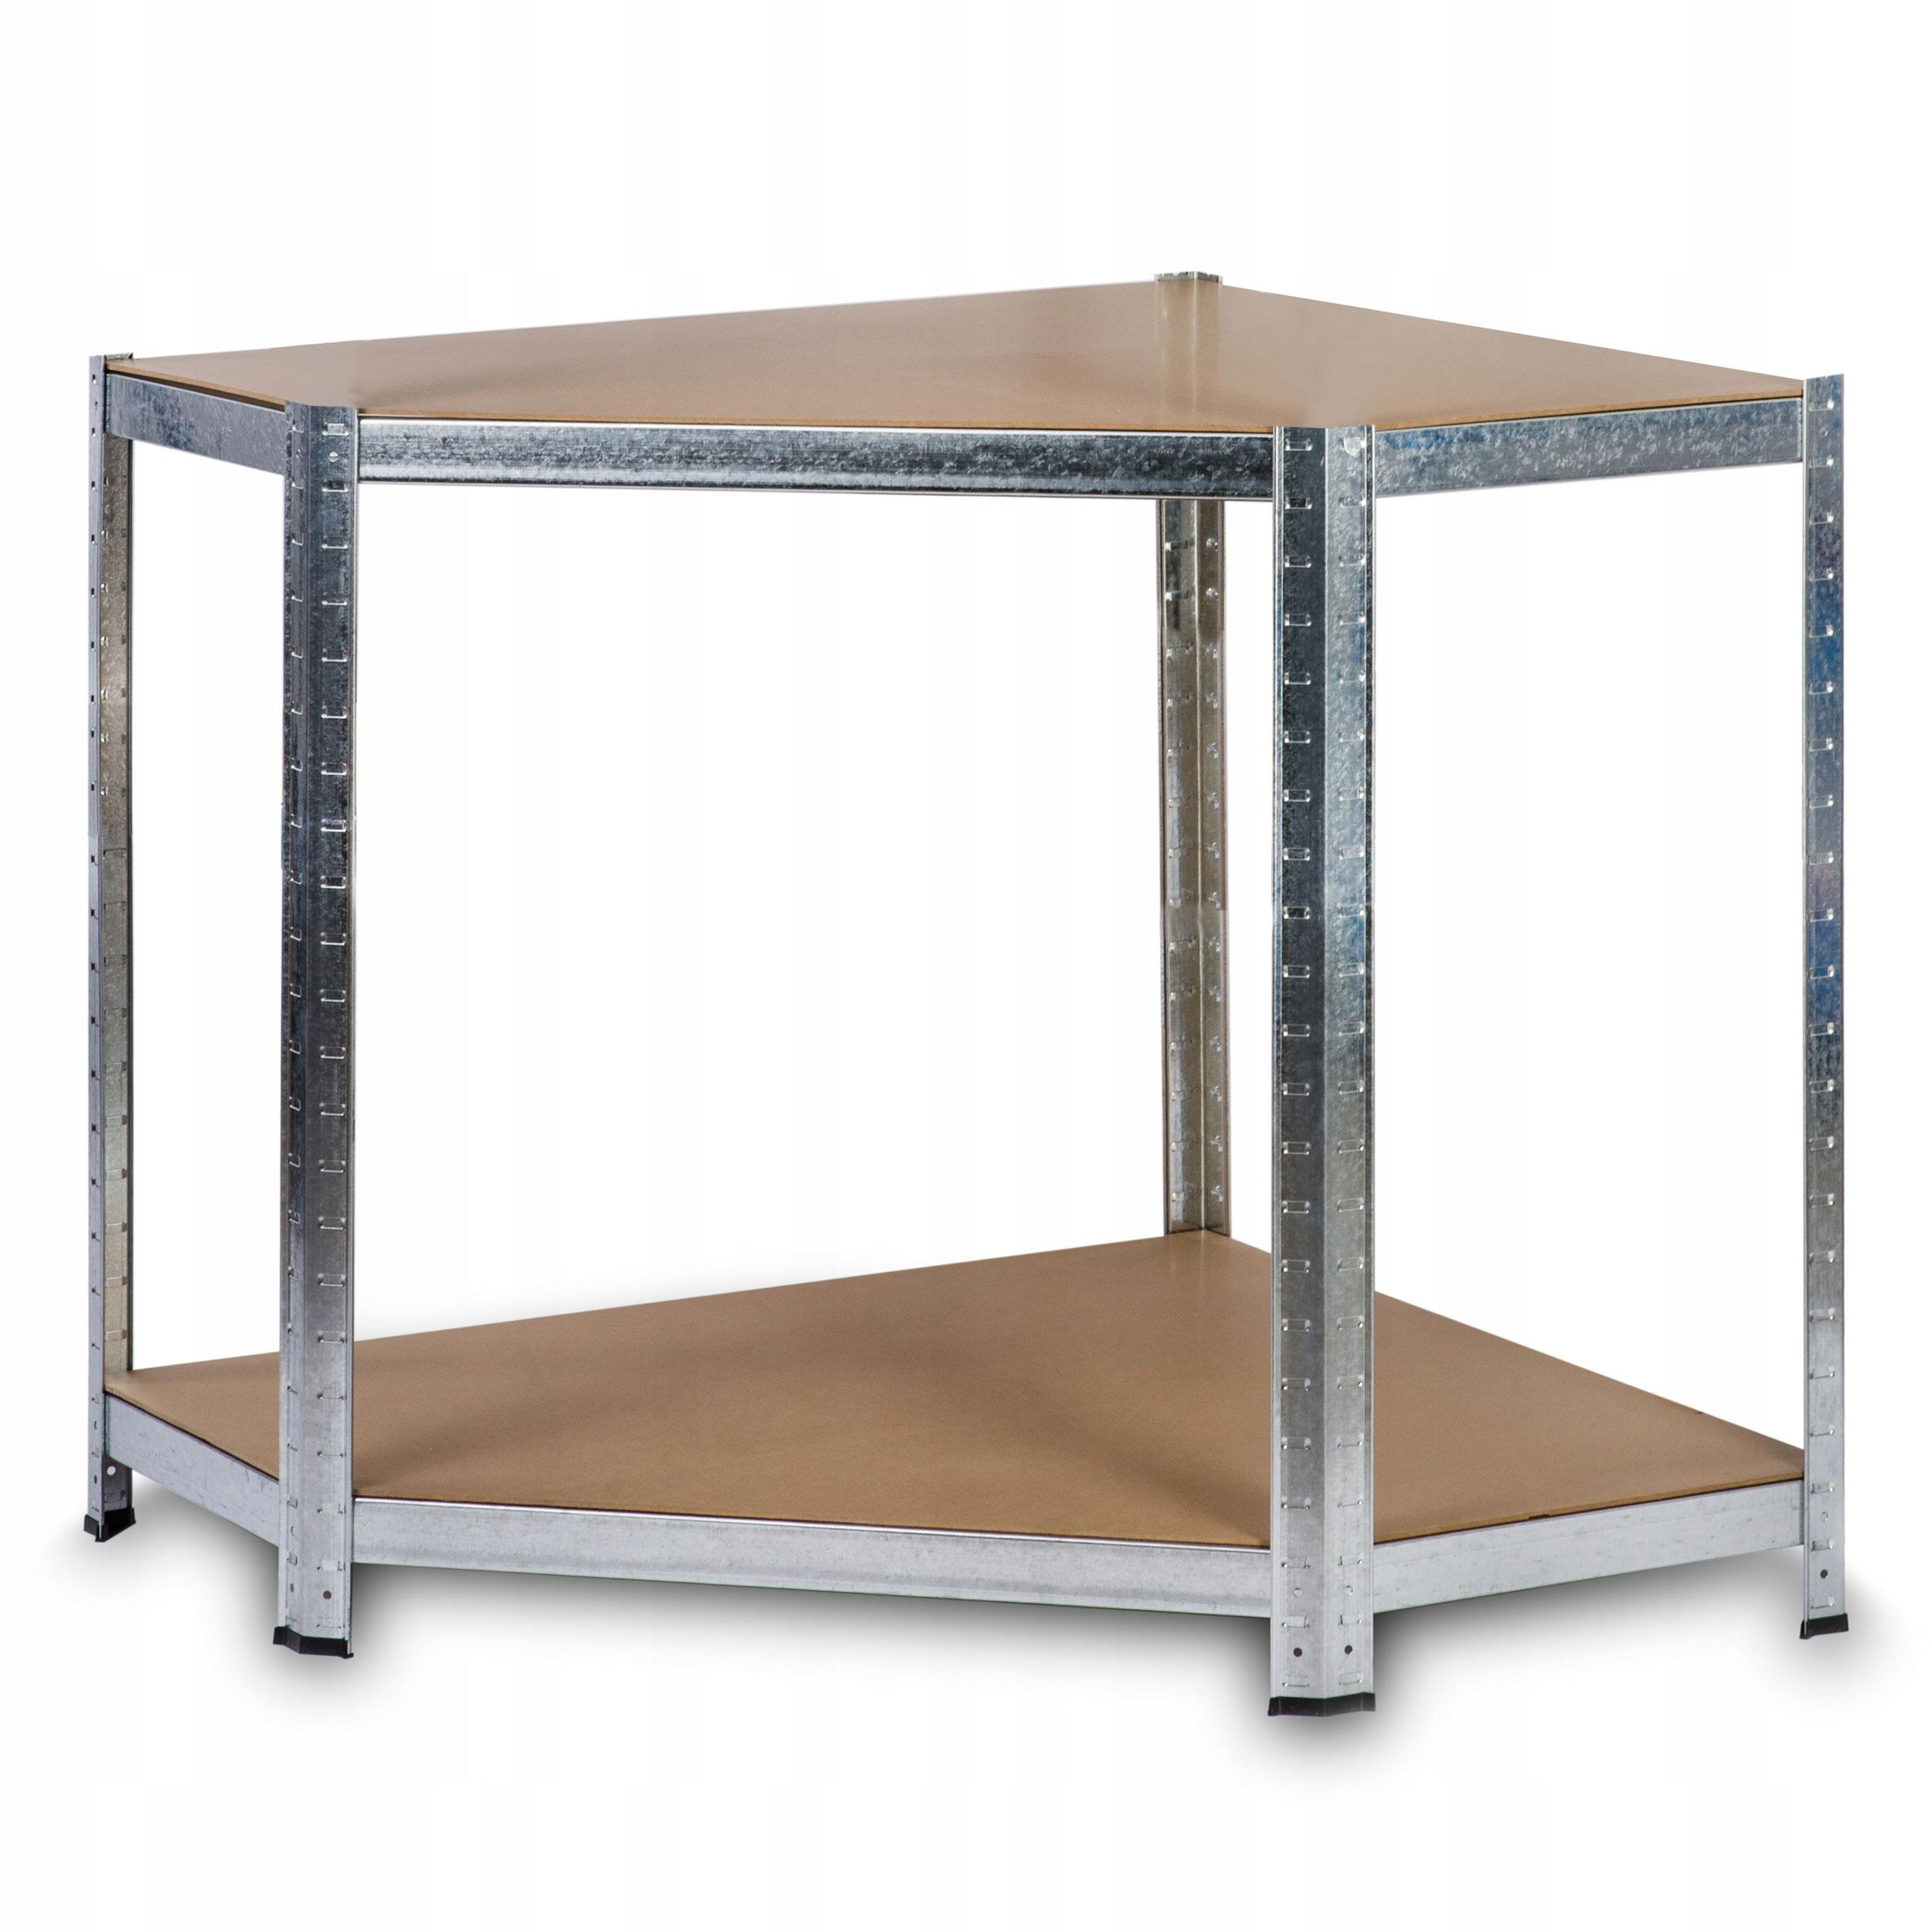 REGAŁ METALOWY MAGAZYNOWY NAROŻNY 180x90x40 875kg Materiał wykonania półki półka z płyty MDF